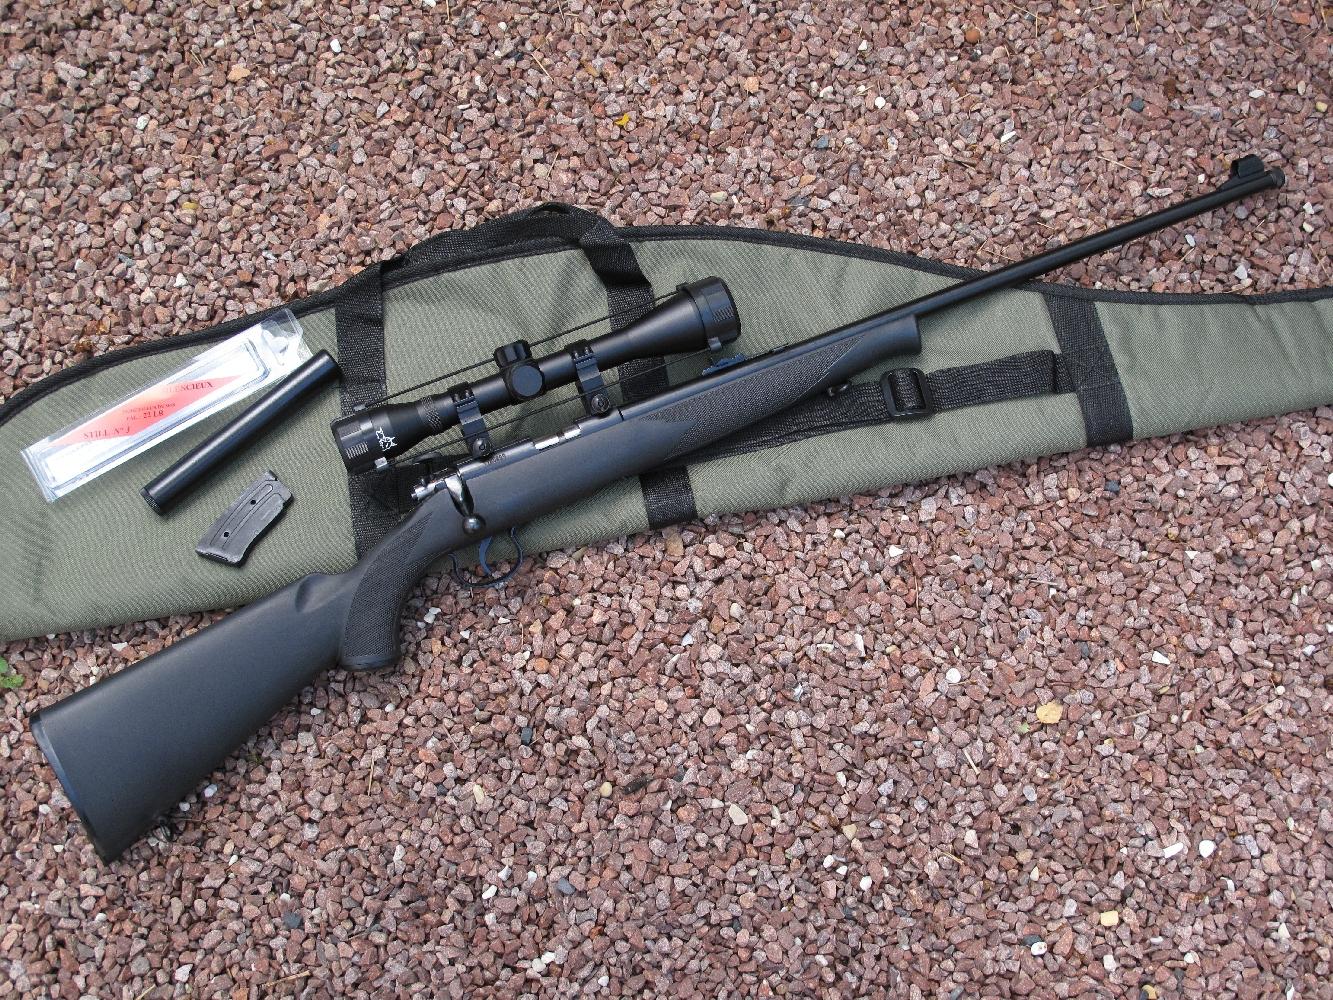 La Norinco JW-15A se présente comme une copie de la CZ-452. C'est une carabine à répétition par culasse à verrou dont le chargeur amovible accueille 9 cartouches de calibre .22 Long Rifle. Elle bénéficie d'une fabrication « tout acier » et d'une monture synthétique insensible aux chocs et à l'humidité. Un rail de 11 mm est fraisé sur son boîtier de culasse et la bouche de son canon est filetée. Elle est proposée sous la forme d'un kit comprenant, outre la carabine, une housse molletonnée, une lunette 4 x 40 avec ses colliers de fixation et un silencieux Still n°3.